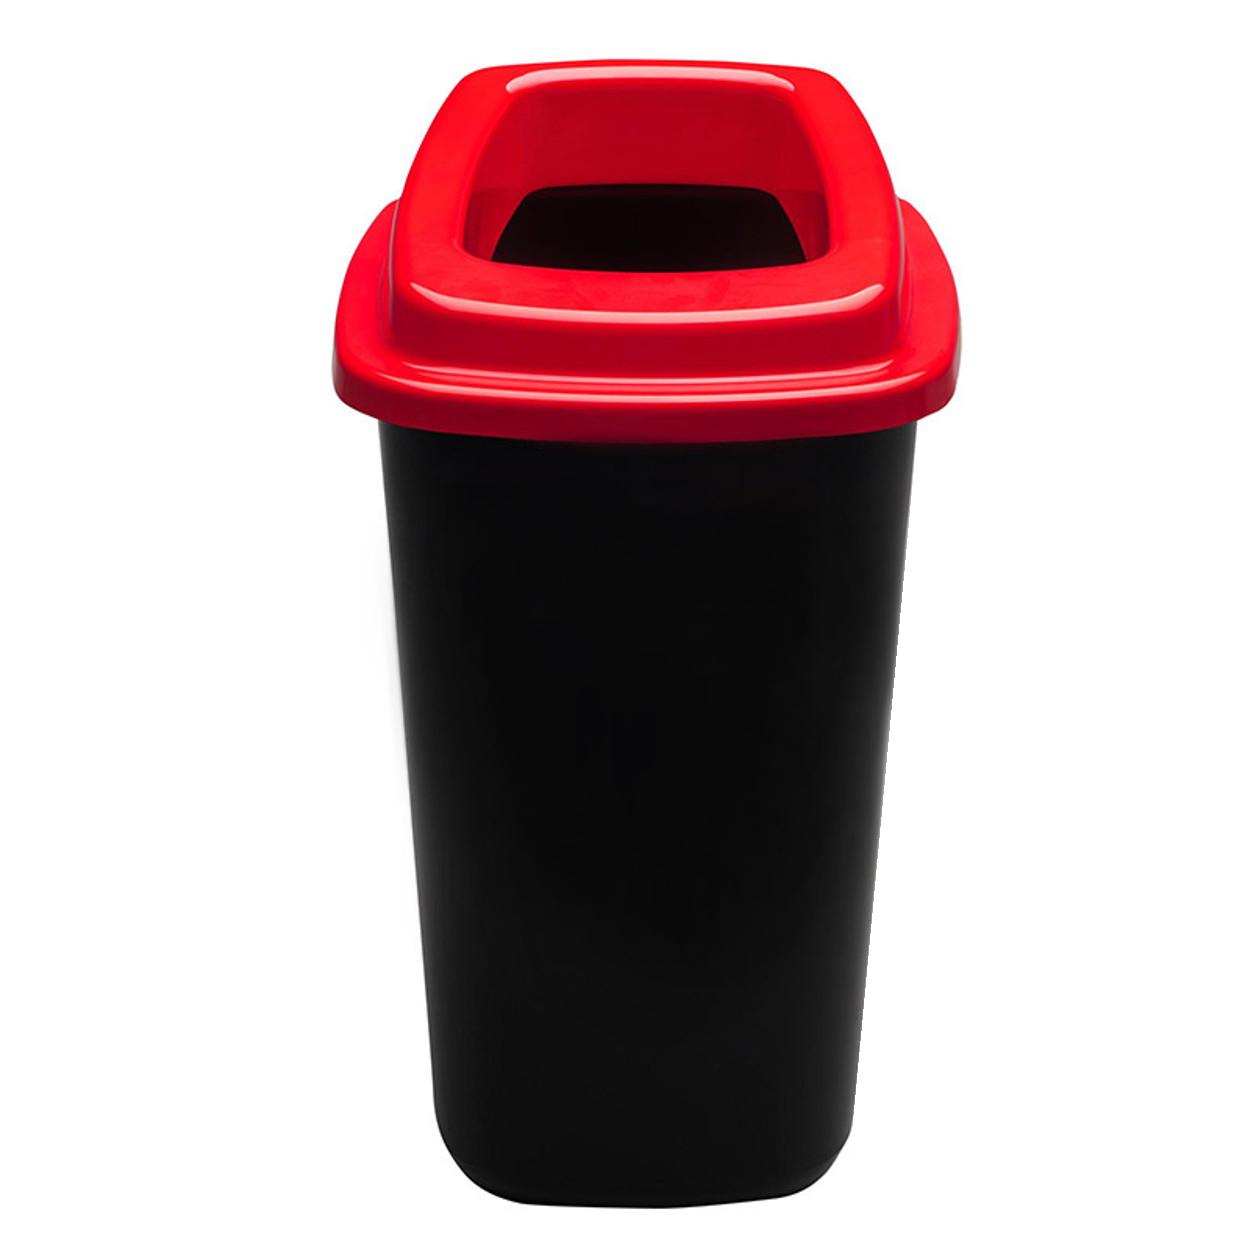 Plastikowy kosz do segregacji śmieci, 90 l, czerwony